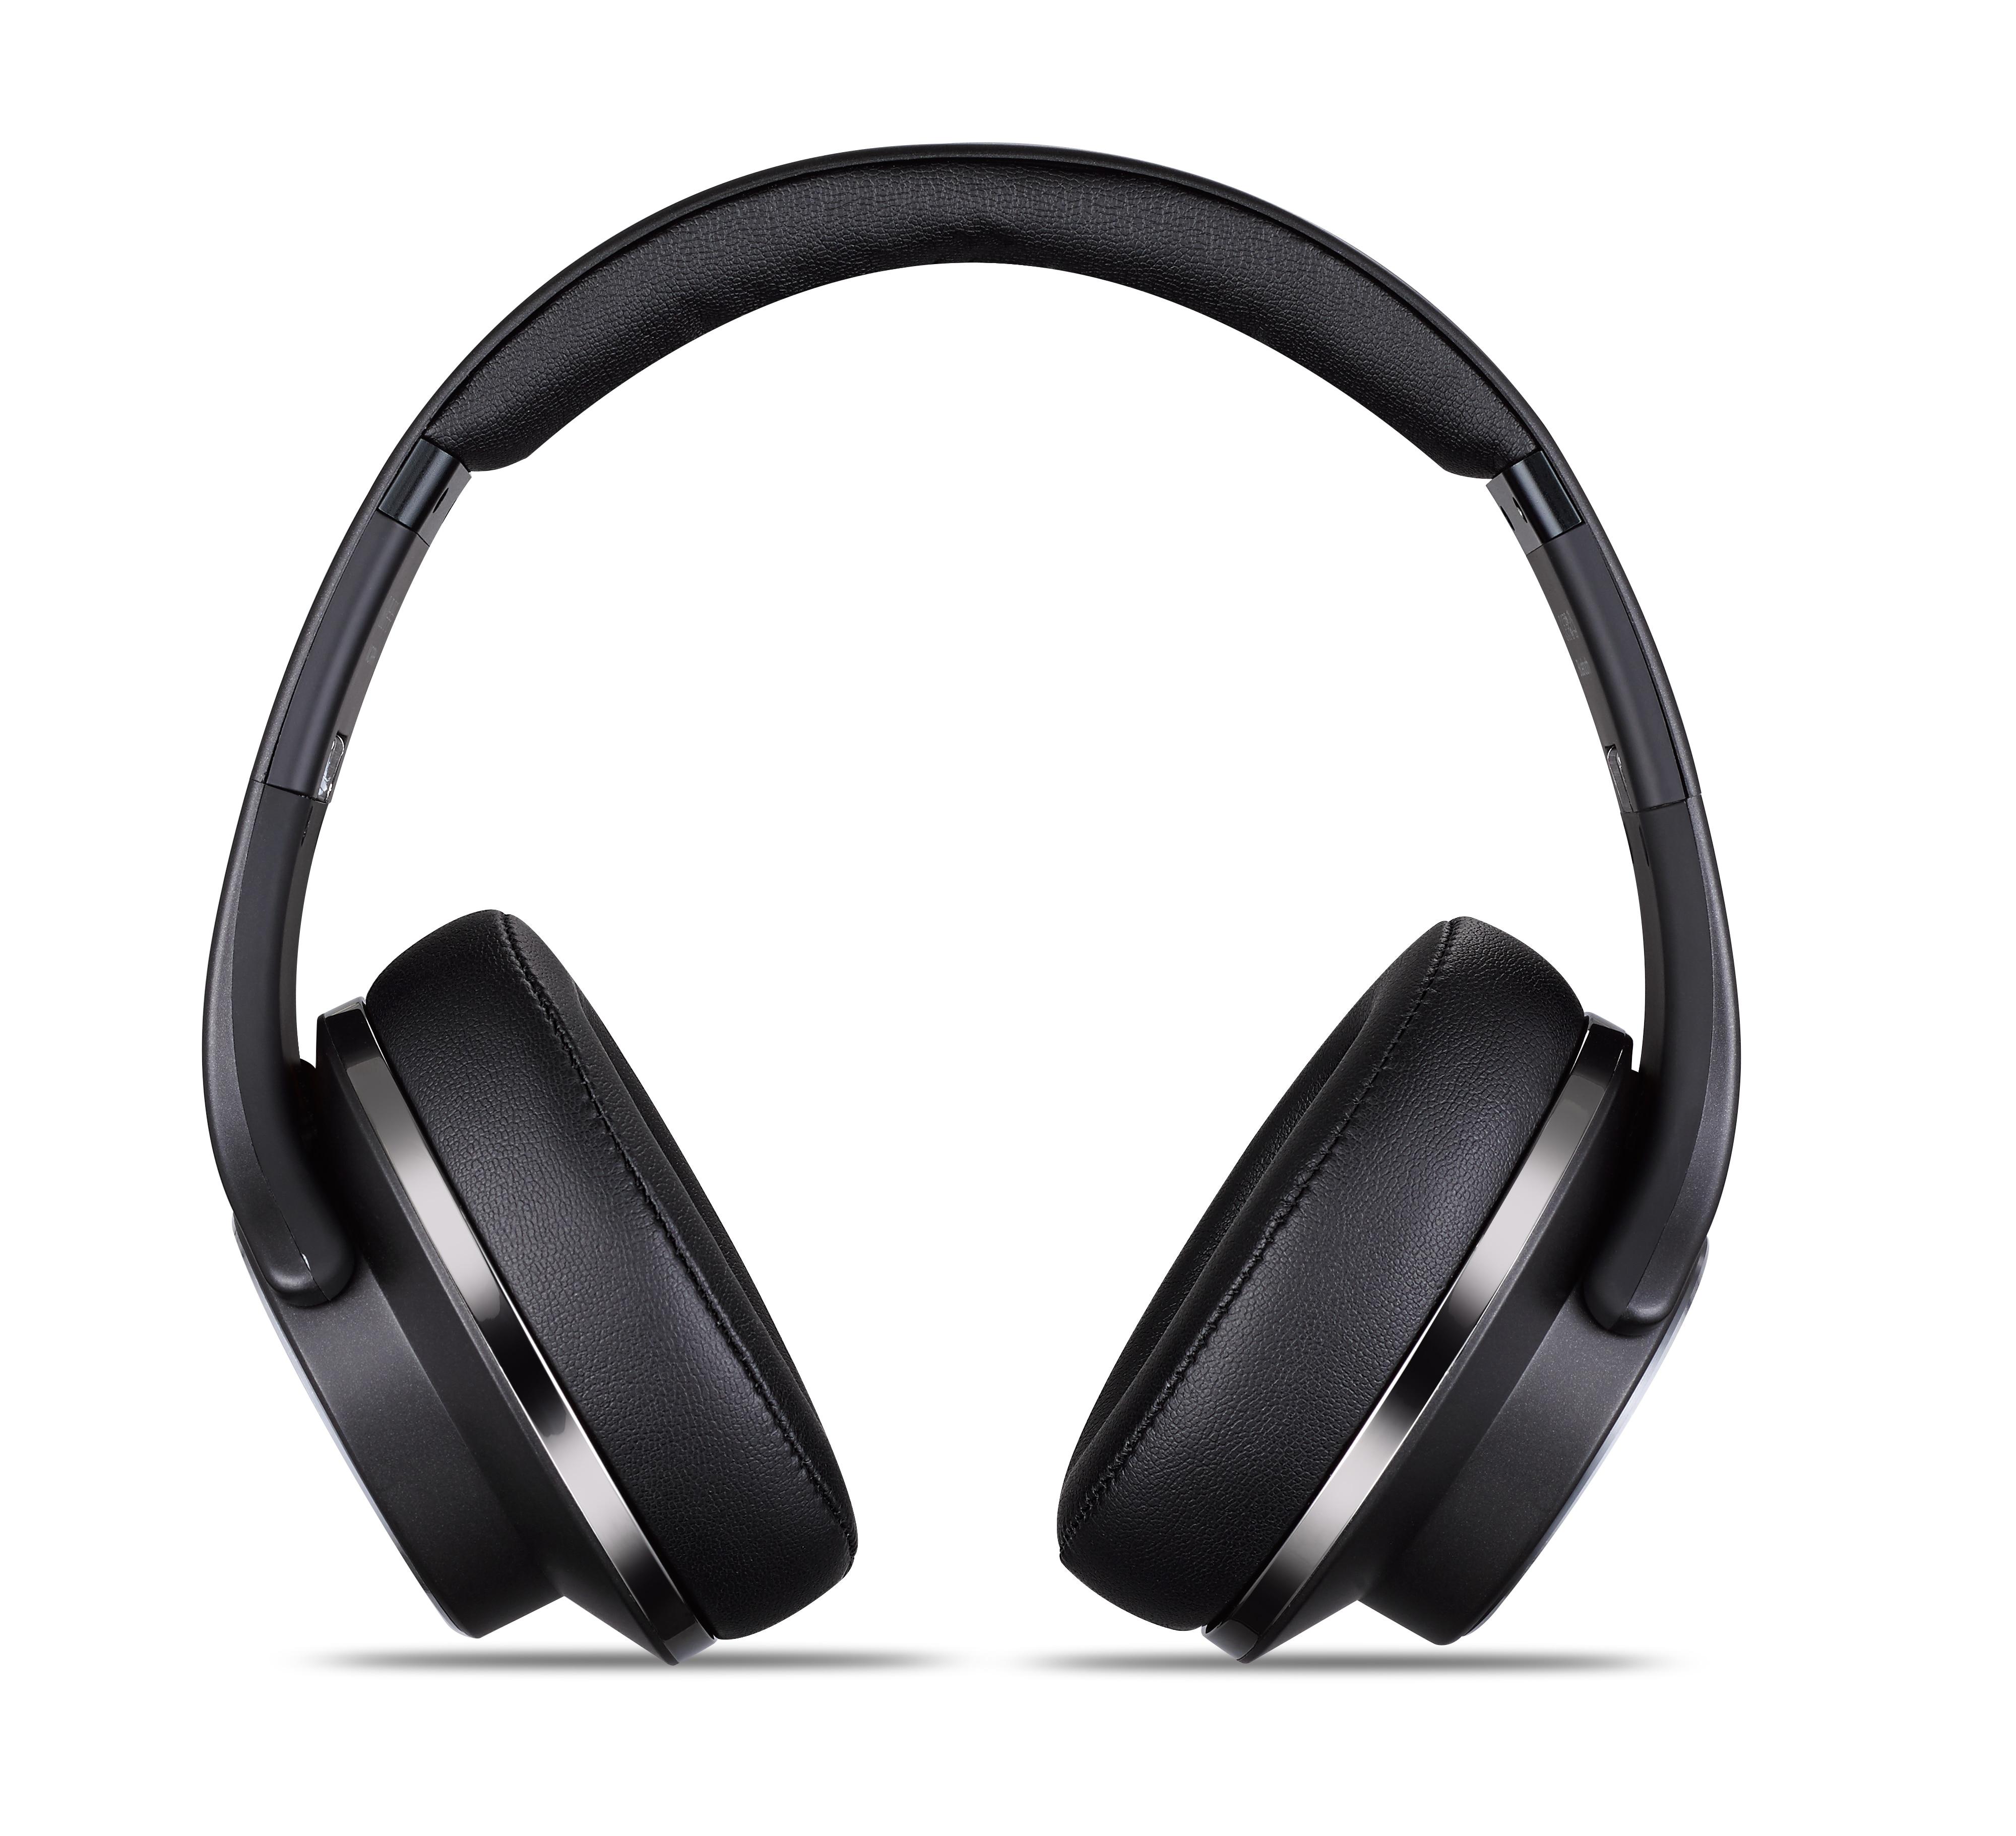 سماعة بلوتوث لاسلكية SODO MH5 ، سماعة رأس قابلة للتعديل مع ميكروفون ، 2 في 1 ، NFC